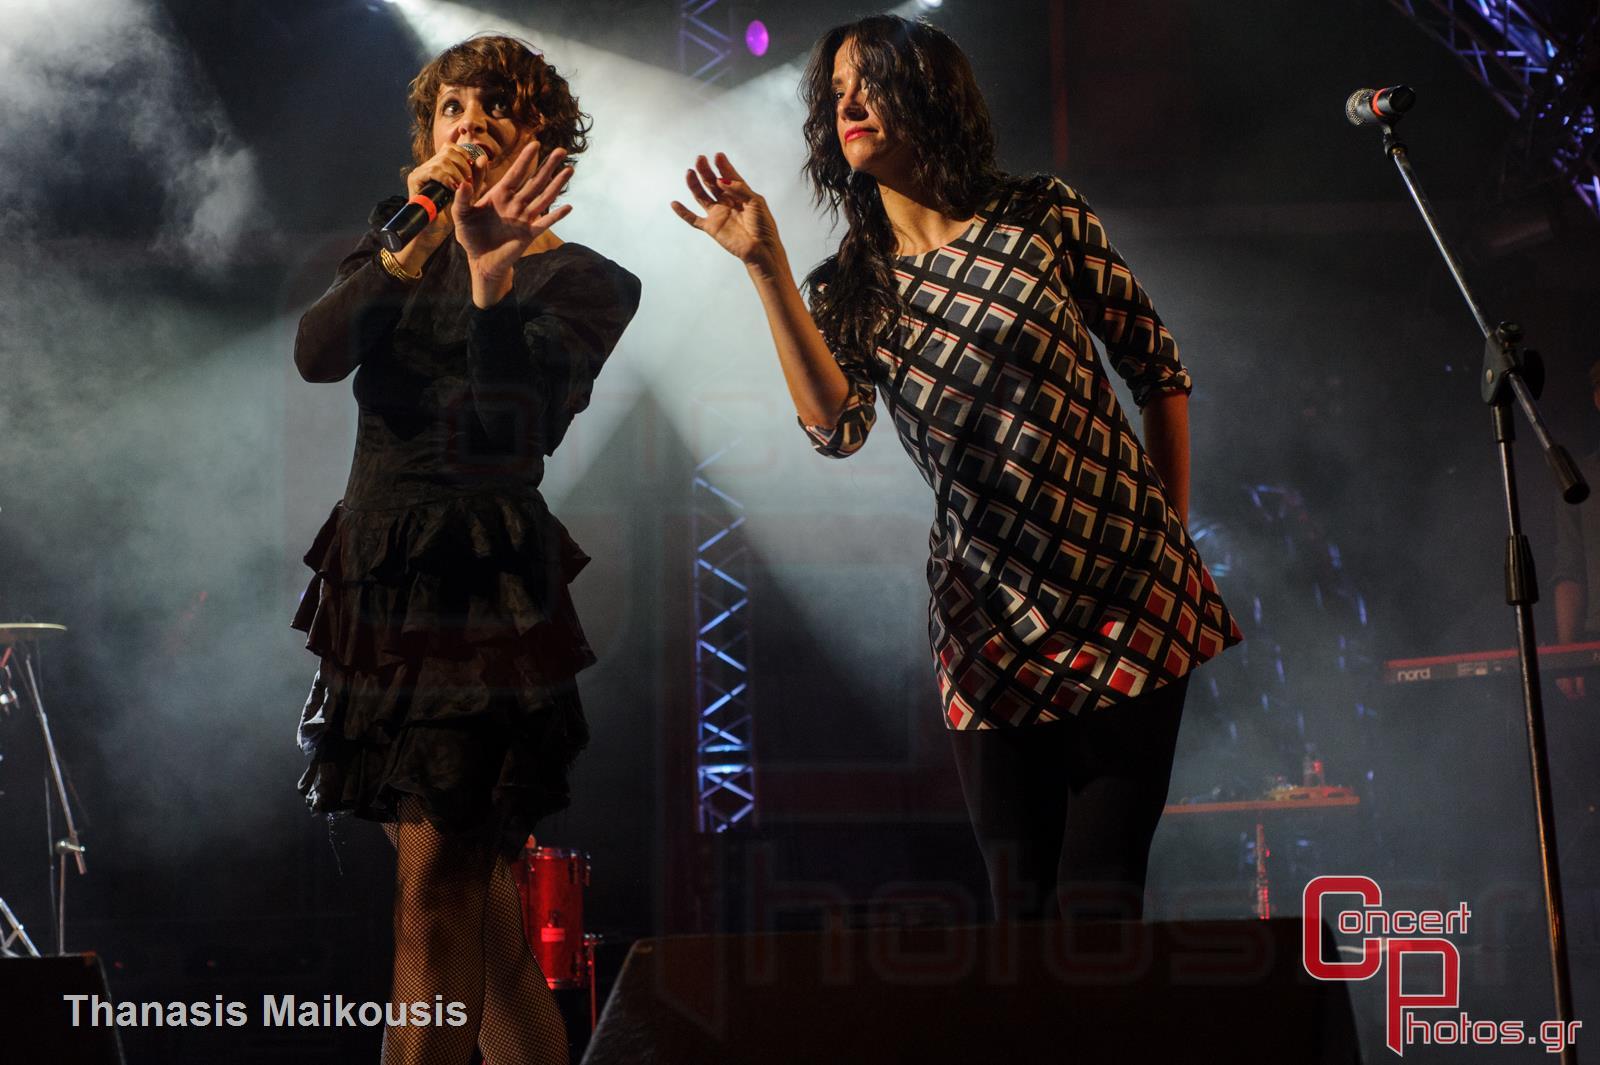 Nouvelle Vague-Nuvelle Vague photographer: Thanasis Maikousis - concertphotos_-8815